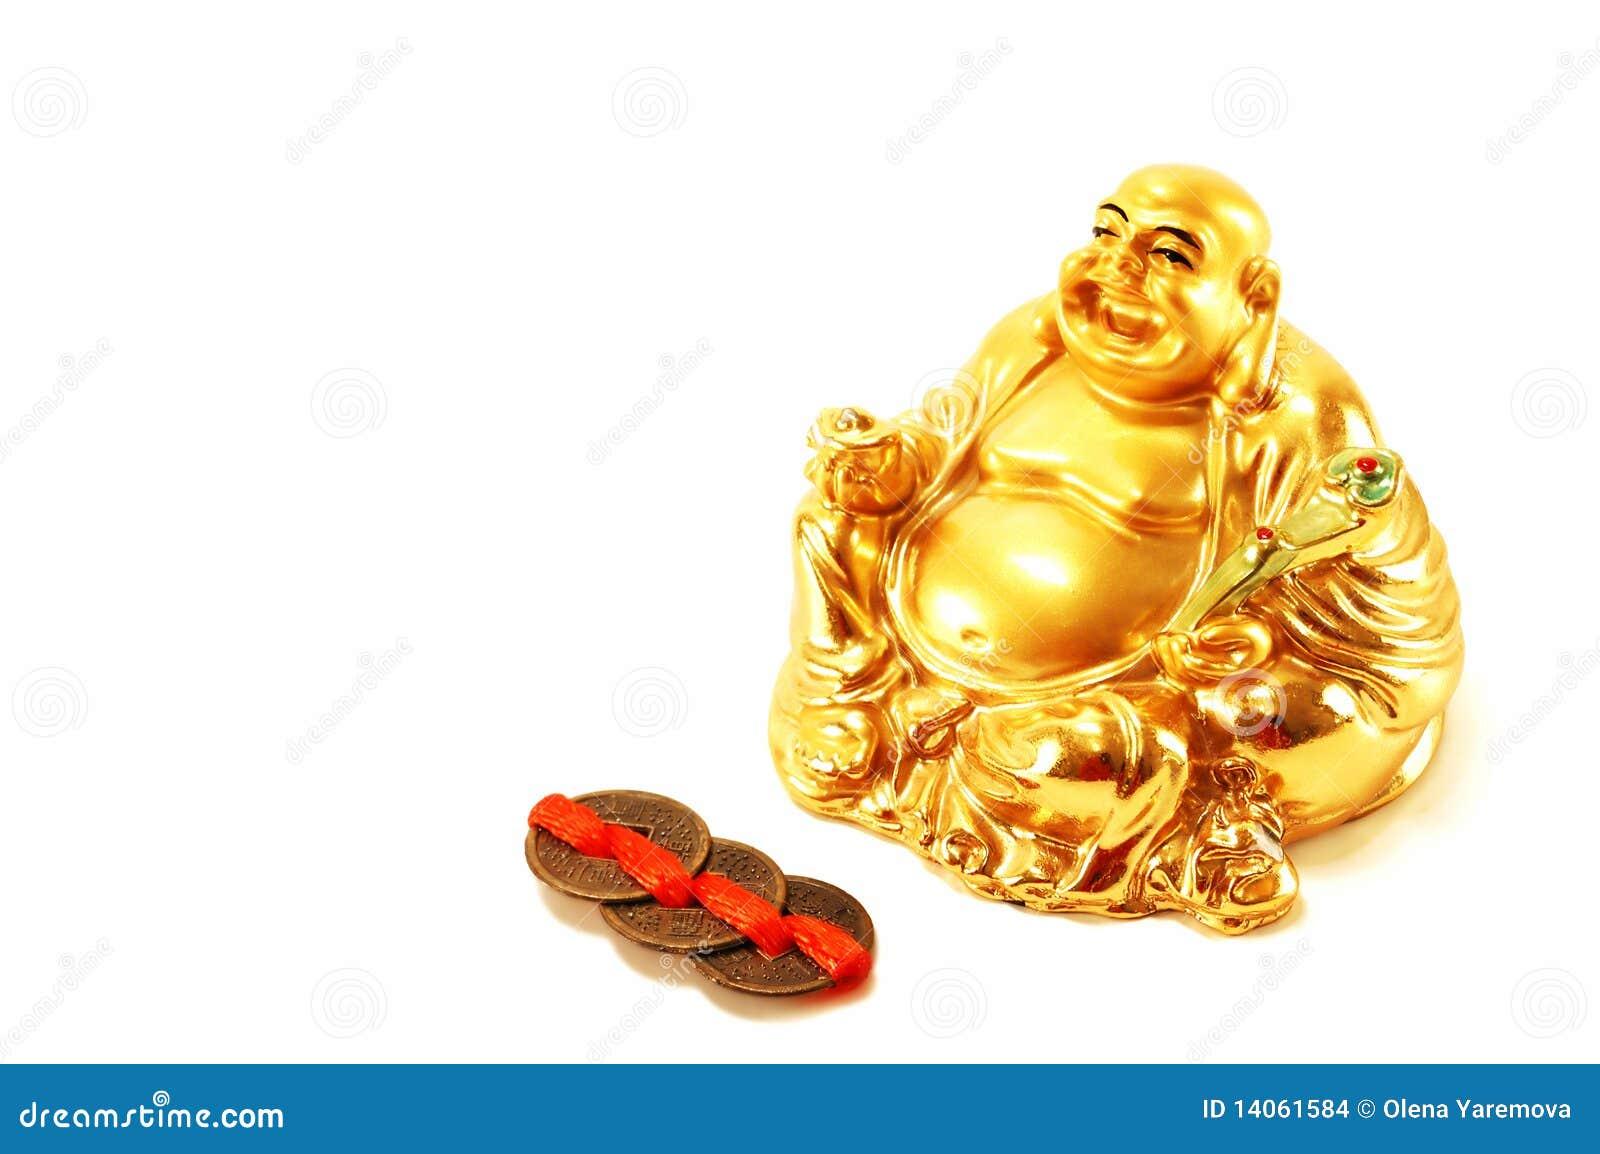 feng shui god of wealth hott stock images image 14061584. Black Bedroom Furniture Sets. Home Design Ideas